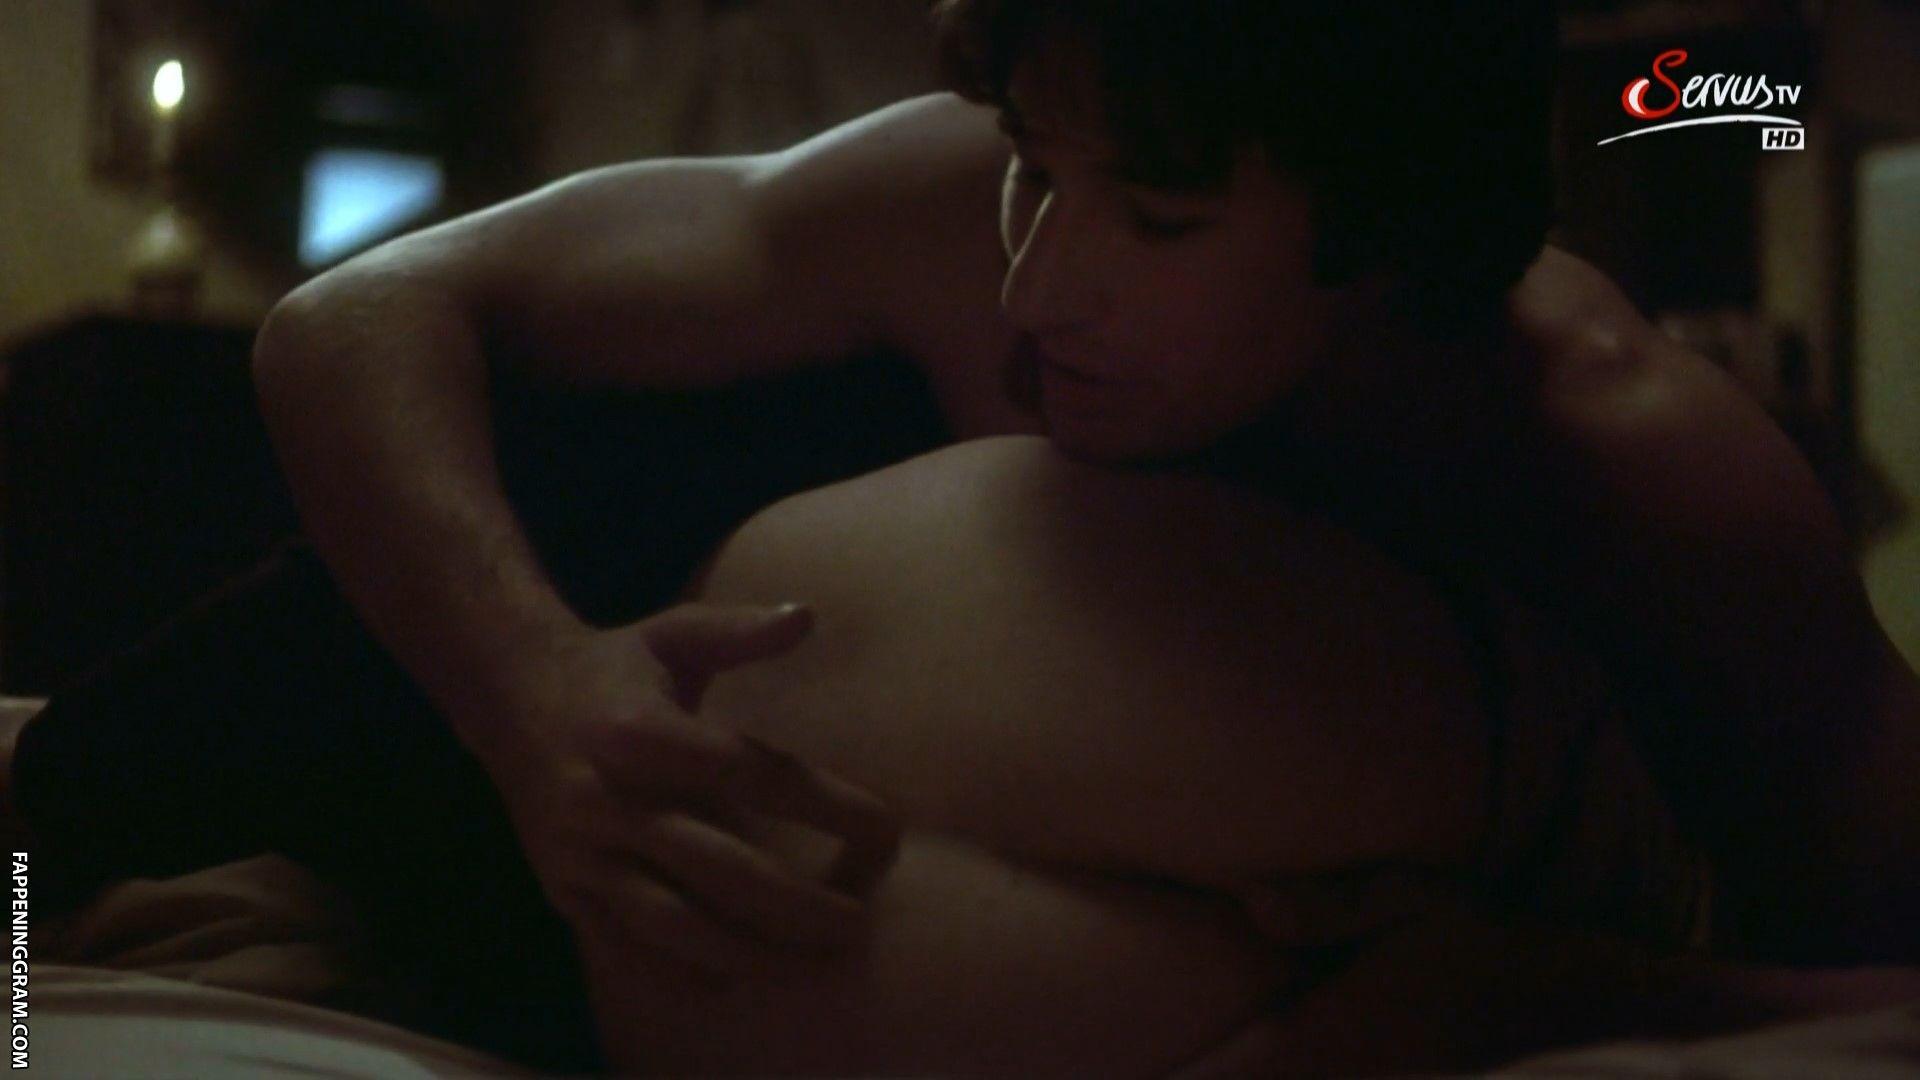 Diane keaton nude american image actress naked photos nude desi actress